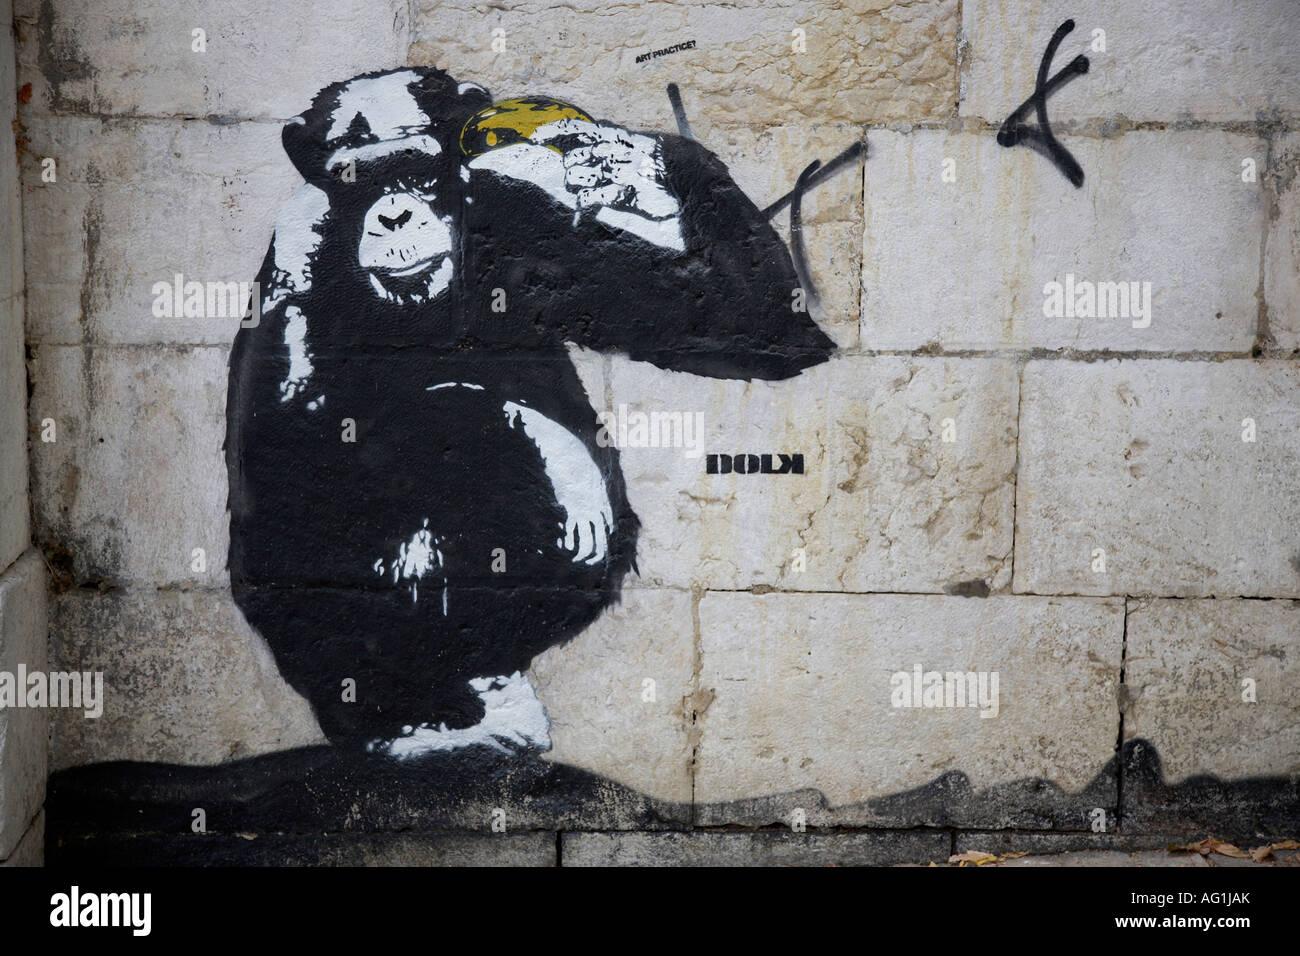 Art Graffiti With Monkey